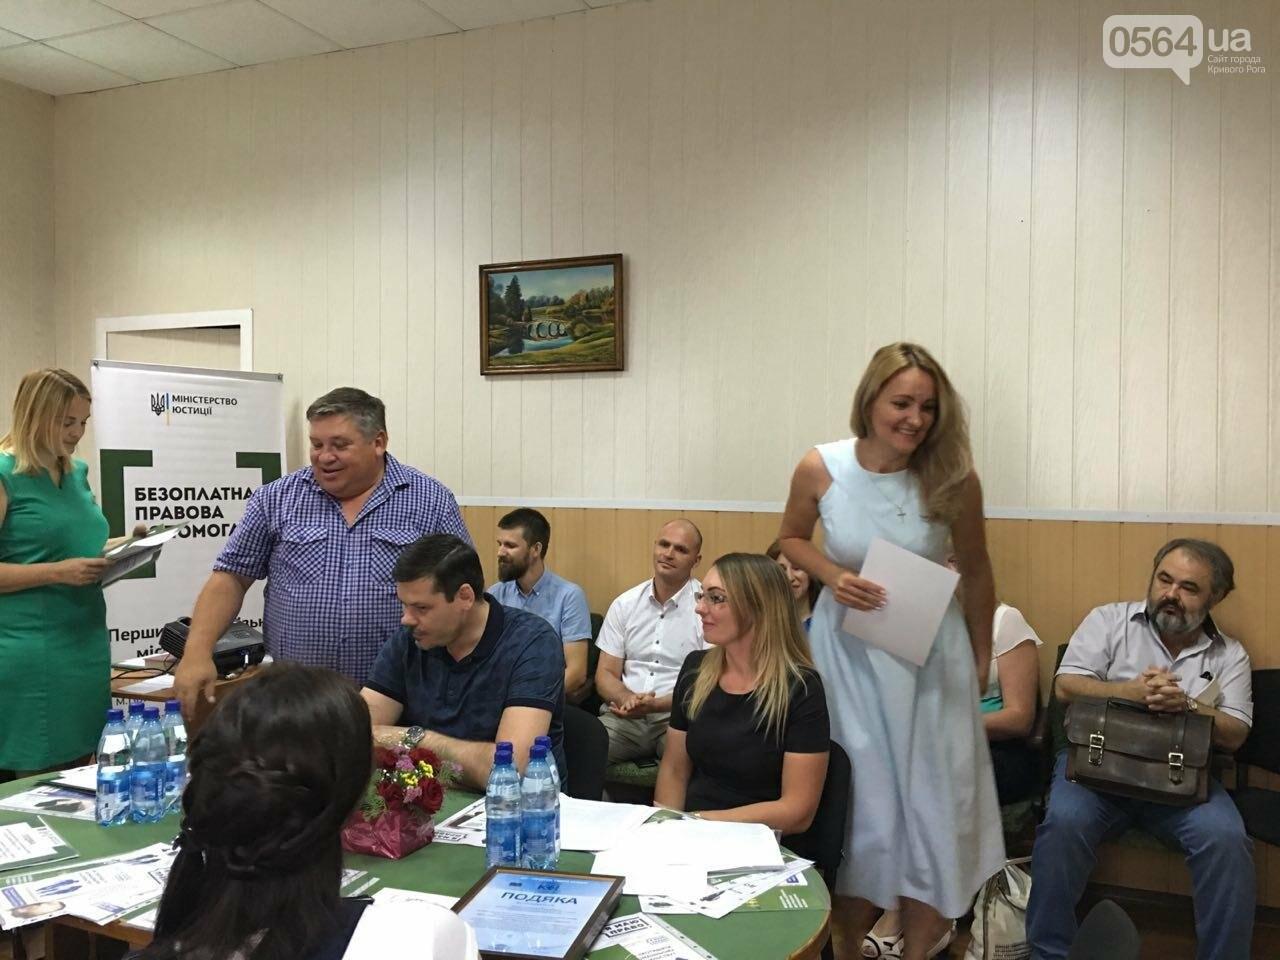 Криворожские центры по предоставлению бесплатной правовой помощи подвели итоги работы за 3 года, - ФОТО, фото-23